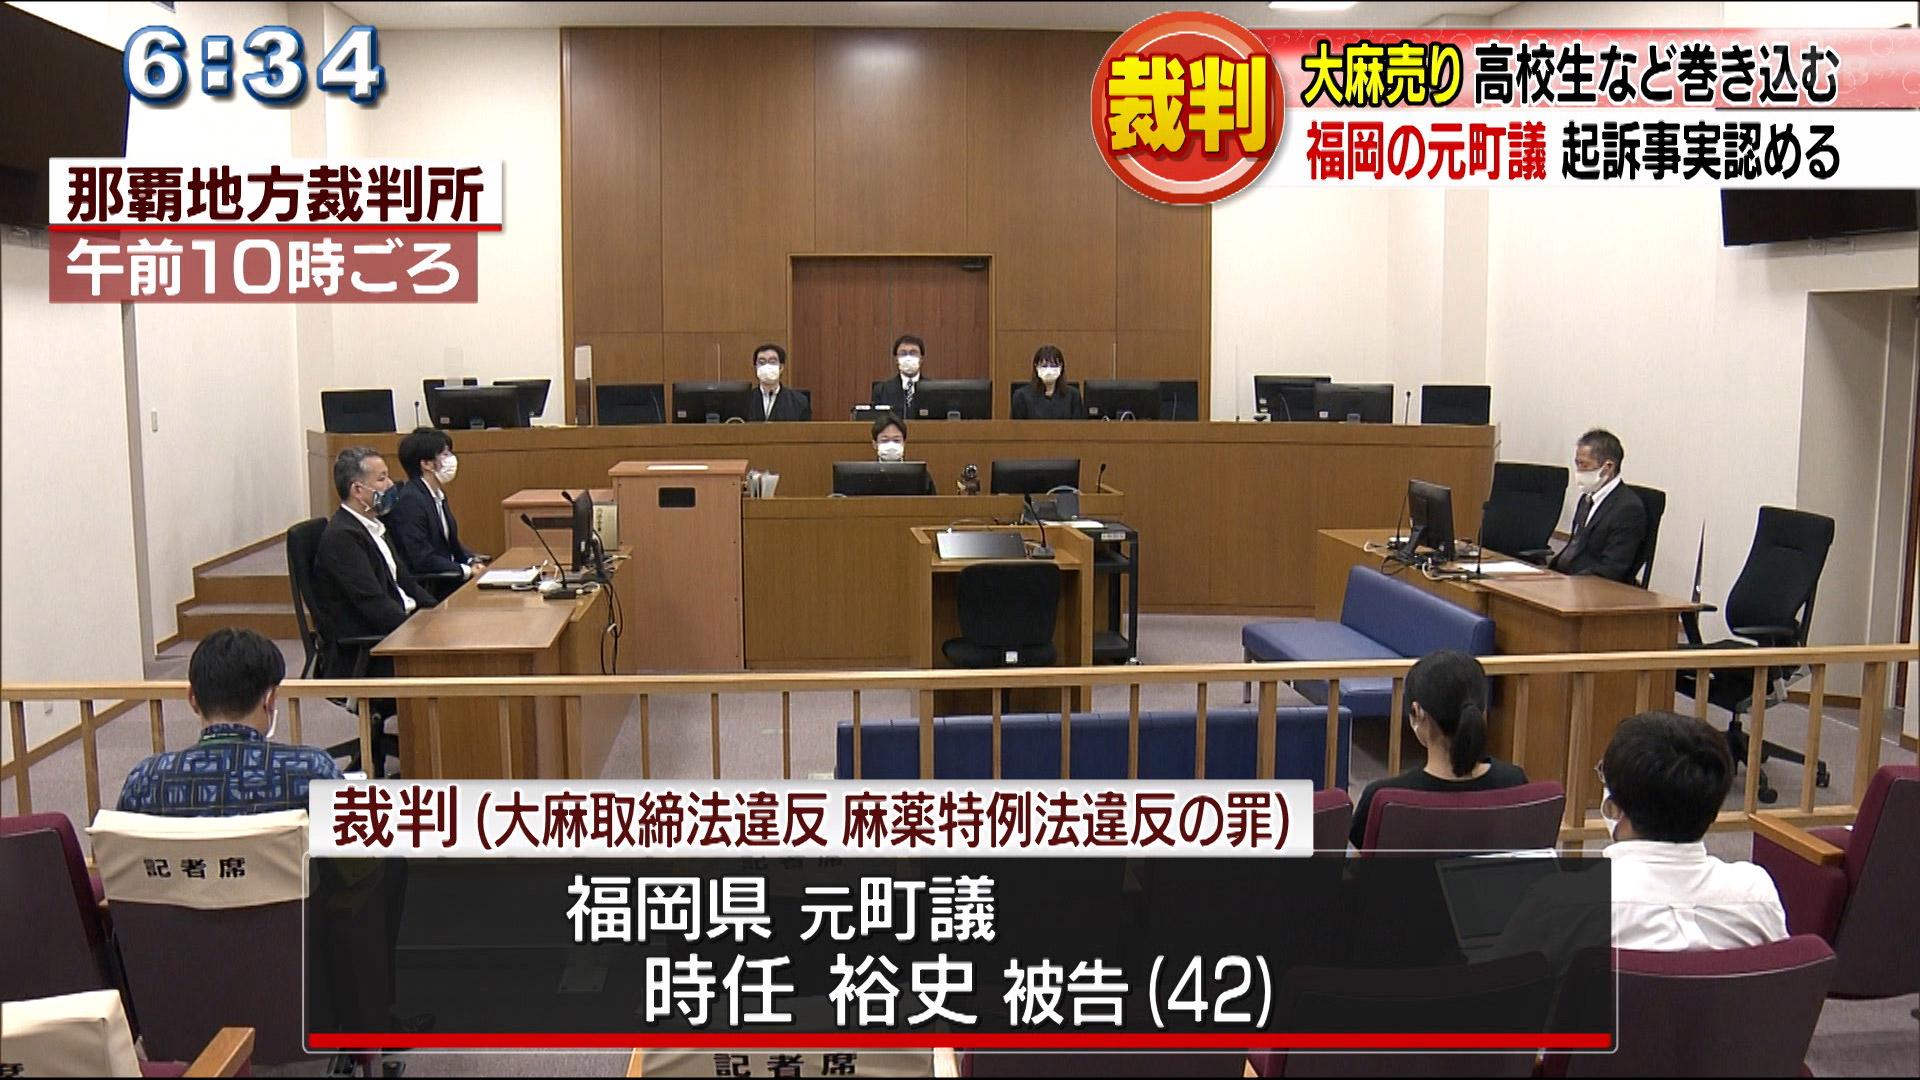 大麻売りさばいた福岡元町議の裁判始まる